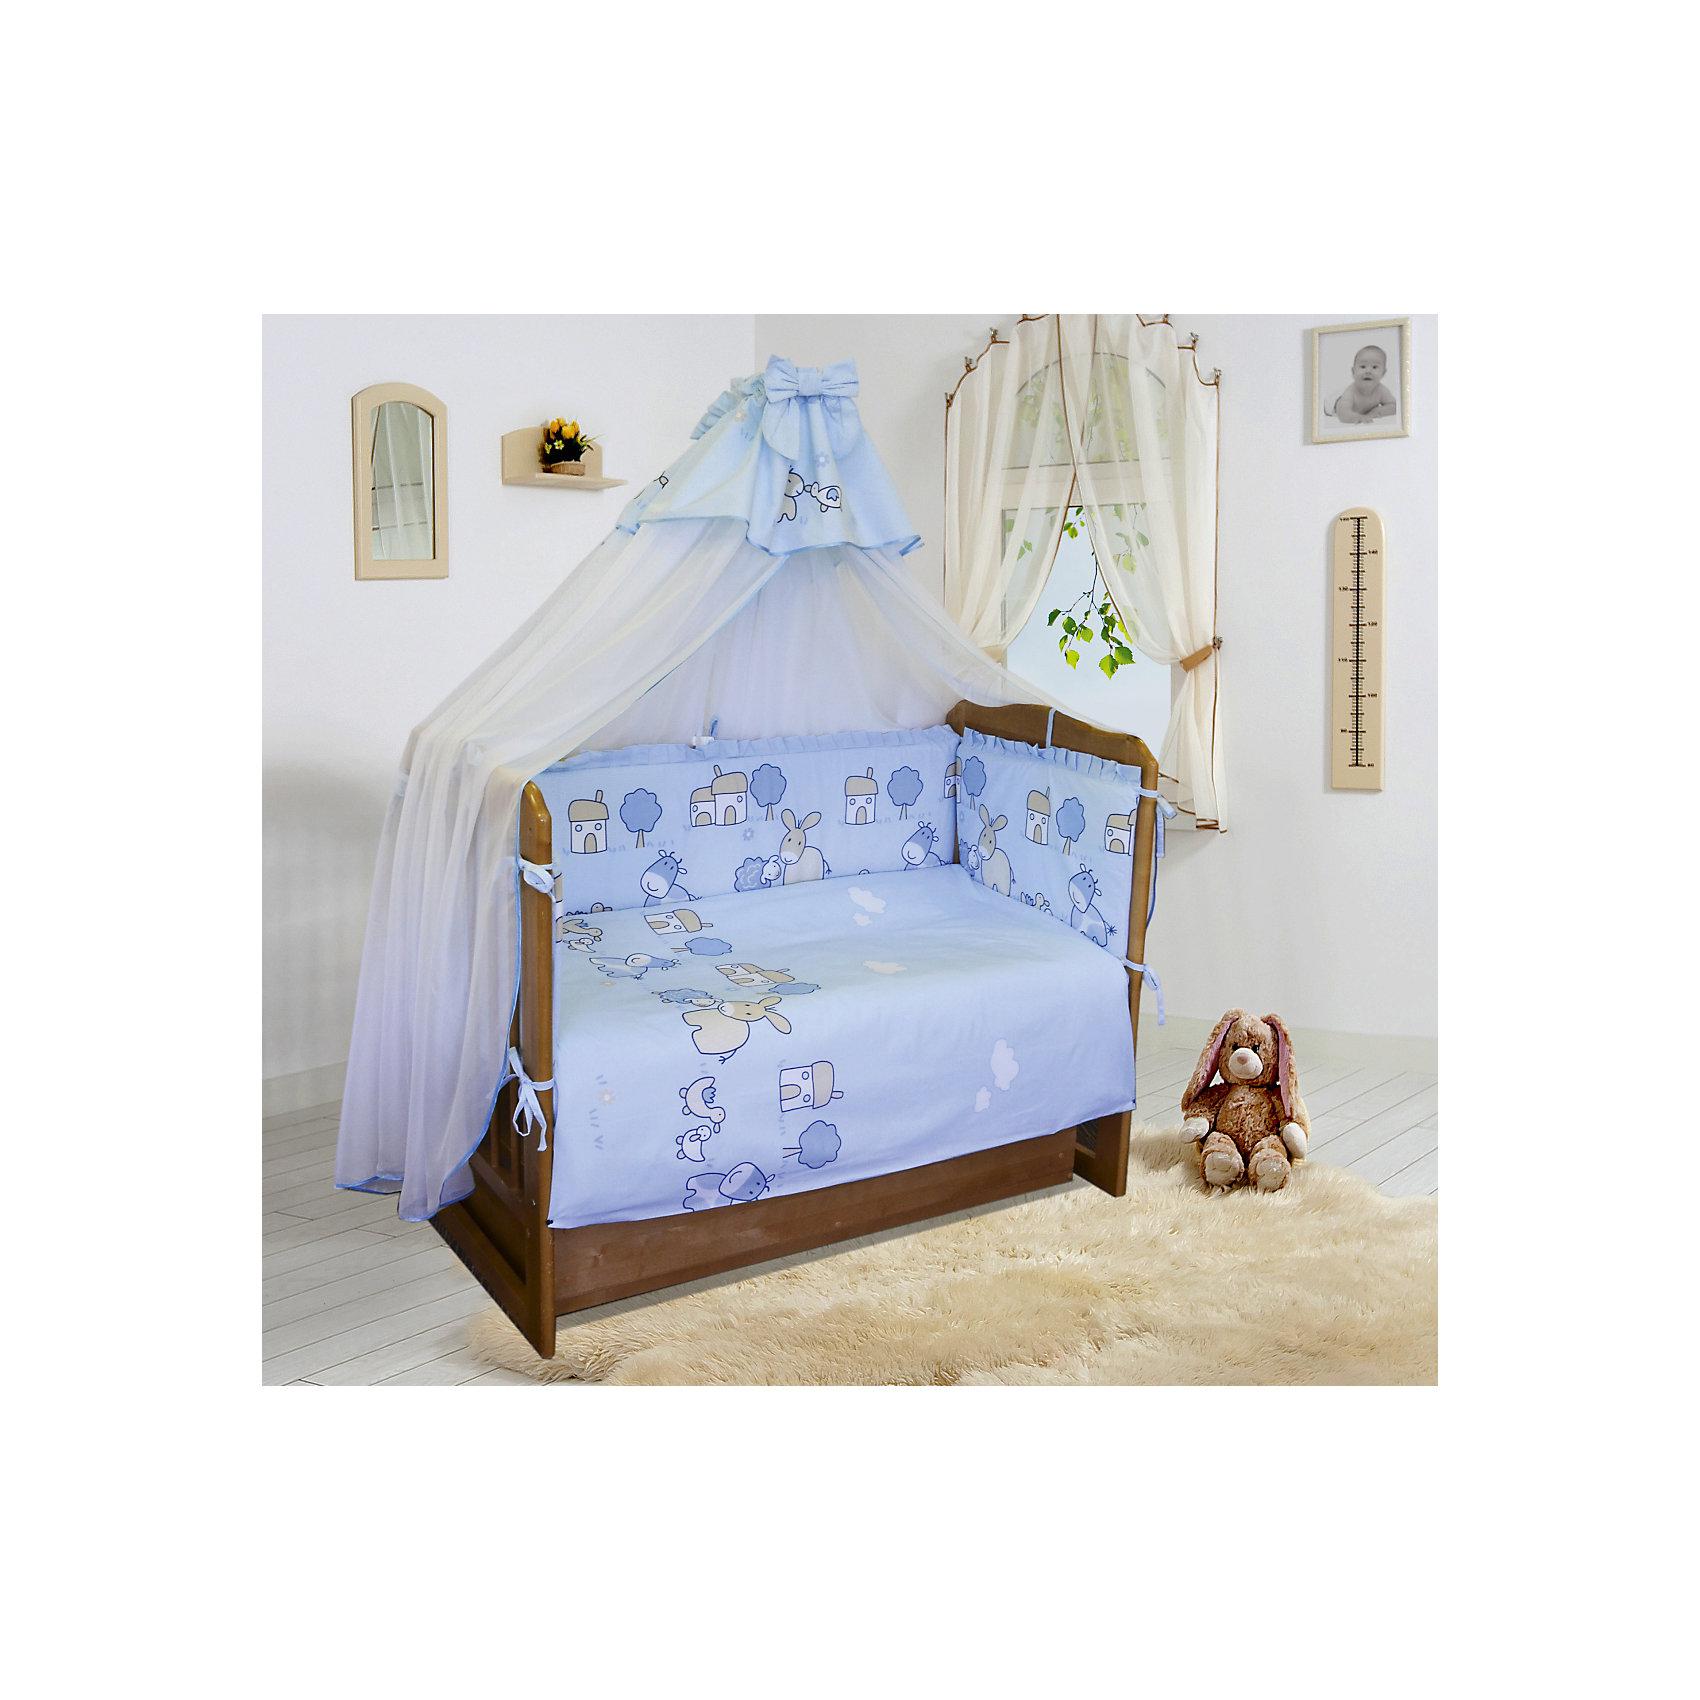 Постельное белье Веселая ферма 6 пред., Soni kids, голубойПостельное бельё<br>Красивый и очень нежный комплект детского постельного белья состоящий из 6 предметов.<br><br>Такой комплект станет прекрасным подарком для родителей и малыша! <br><br><br>Дополнительная информация:<br><br>- Размеры: <br> Одеяло 140х110 см.<br> Пододеяльника 142х112 см.<br> Бортик на всю кроватку.<br> Простынке на резинке 150х90 см.<br> Подушка 40х60 см.<br> Наволочка 40х60 см. <br>- Возраст: до 3 лет.<br>- Состав: 100% высококачественный хлопок.<br>- Материал: поплин.<br>- Наполнитель: импортный гладко окрашенный сатин.<br>- Цвет: голубой.<br>- Размер упаковки: 25х60х45 см.<br>- Вес в упаковке: 1200 г.<br><br>Купить постельное белье Веселая ферма от Soni kids в голубом цвете,  можно в нашем магазине.<br><br>Ширина мм: 250<br>Глубина мм: 600<br>Высота мм: 450<br>Вес г: 1200<br>Возраст от месяцев: 0<br>Возраст до месяцев: 36<br>Пол: Мужской<br>Возраст: Детский<br>SKU: 4905944